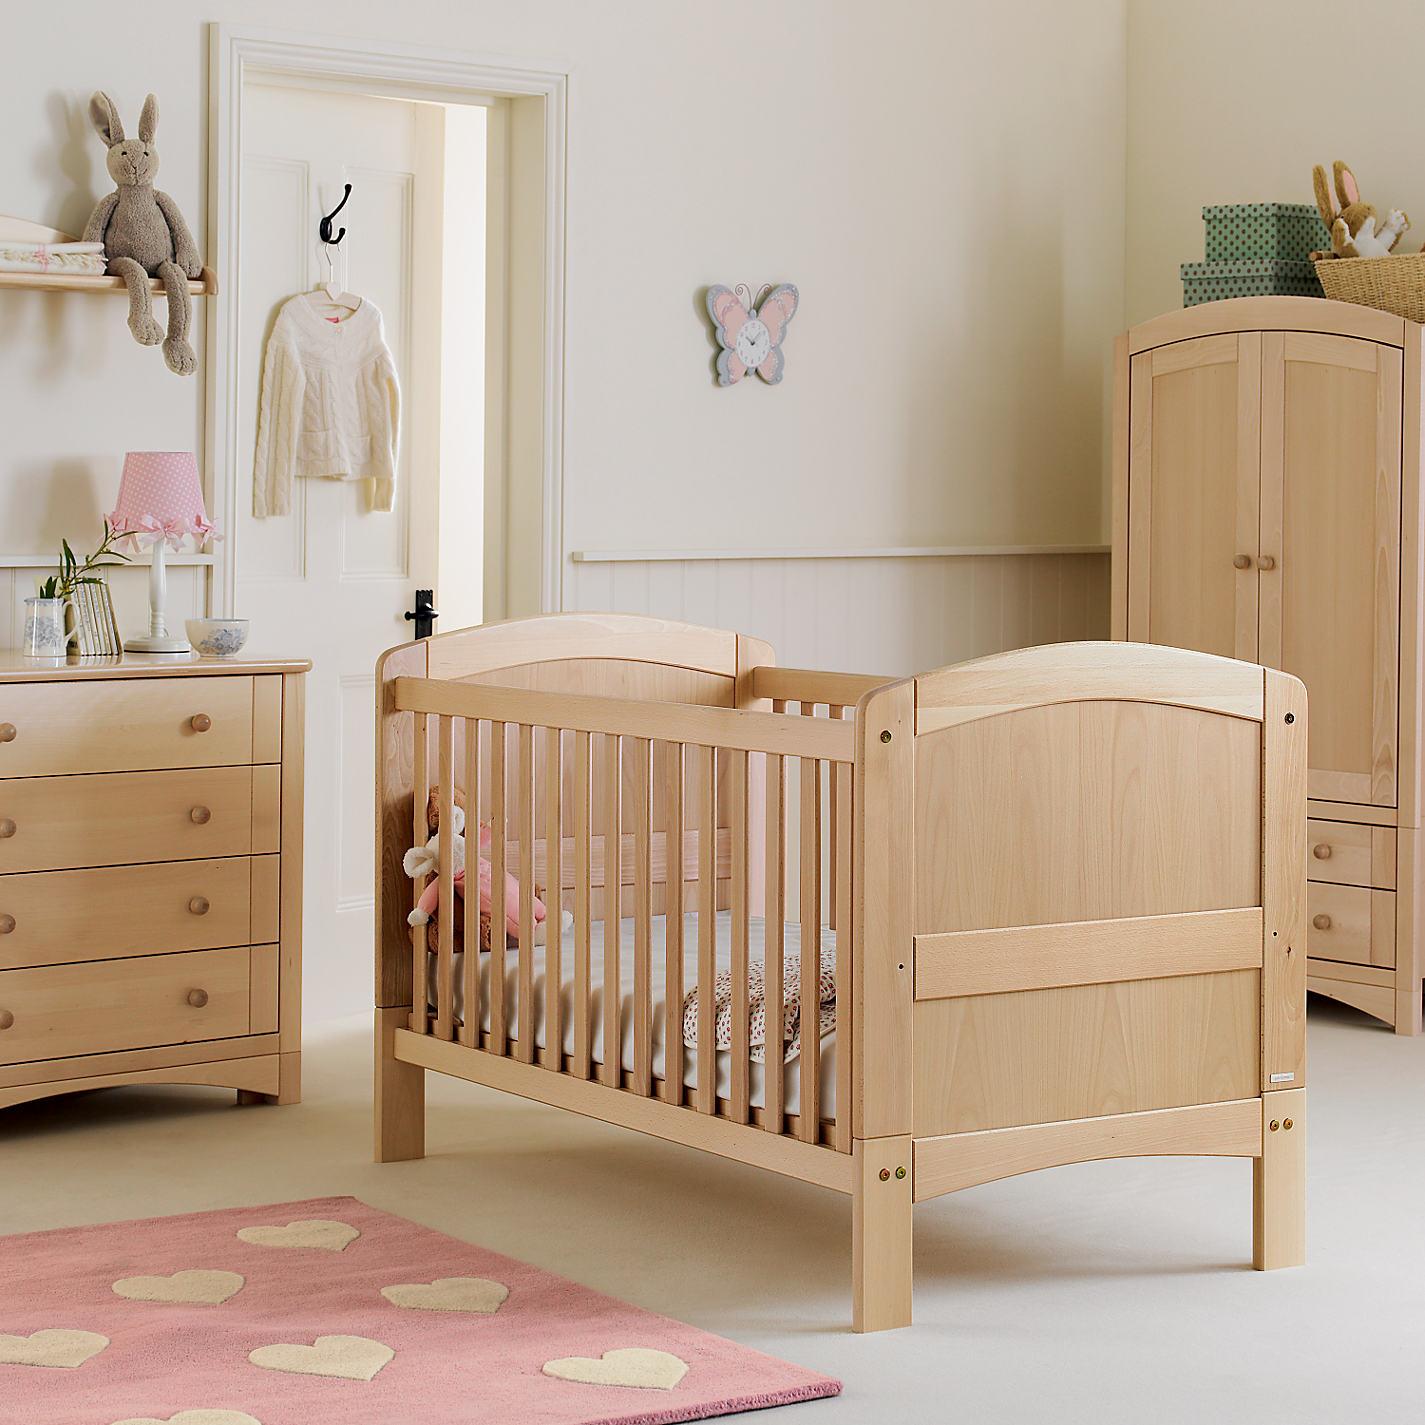 Кроватка, комод и шкаф из бука в детской